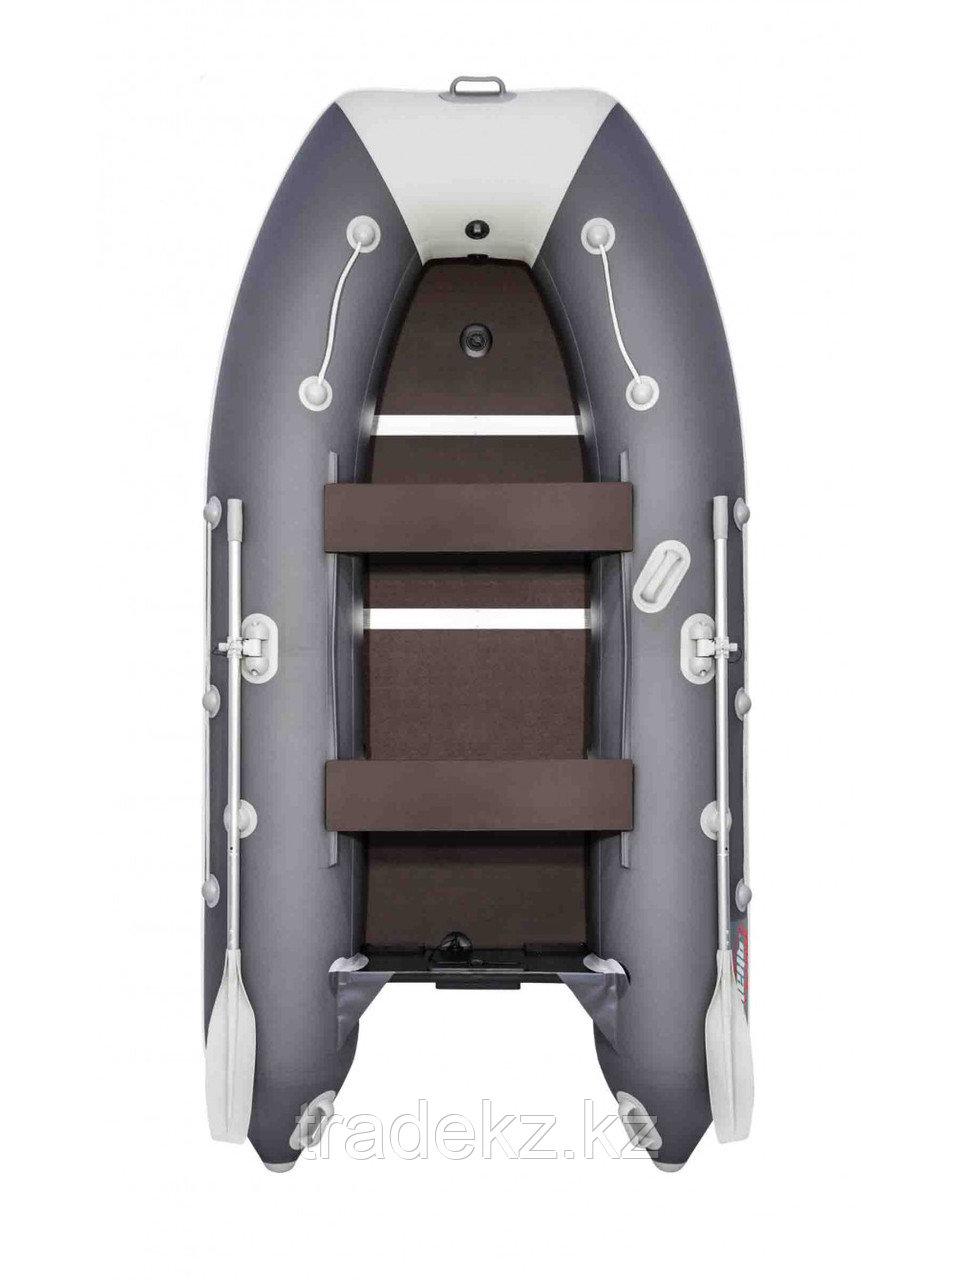 Лодка ПВХ Таймень LX 3200 СК графит/светло-серый